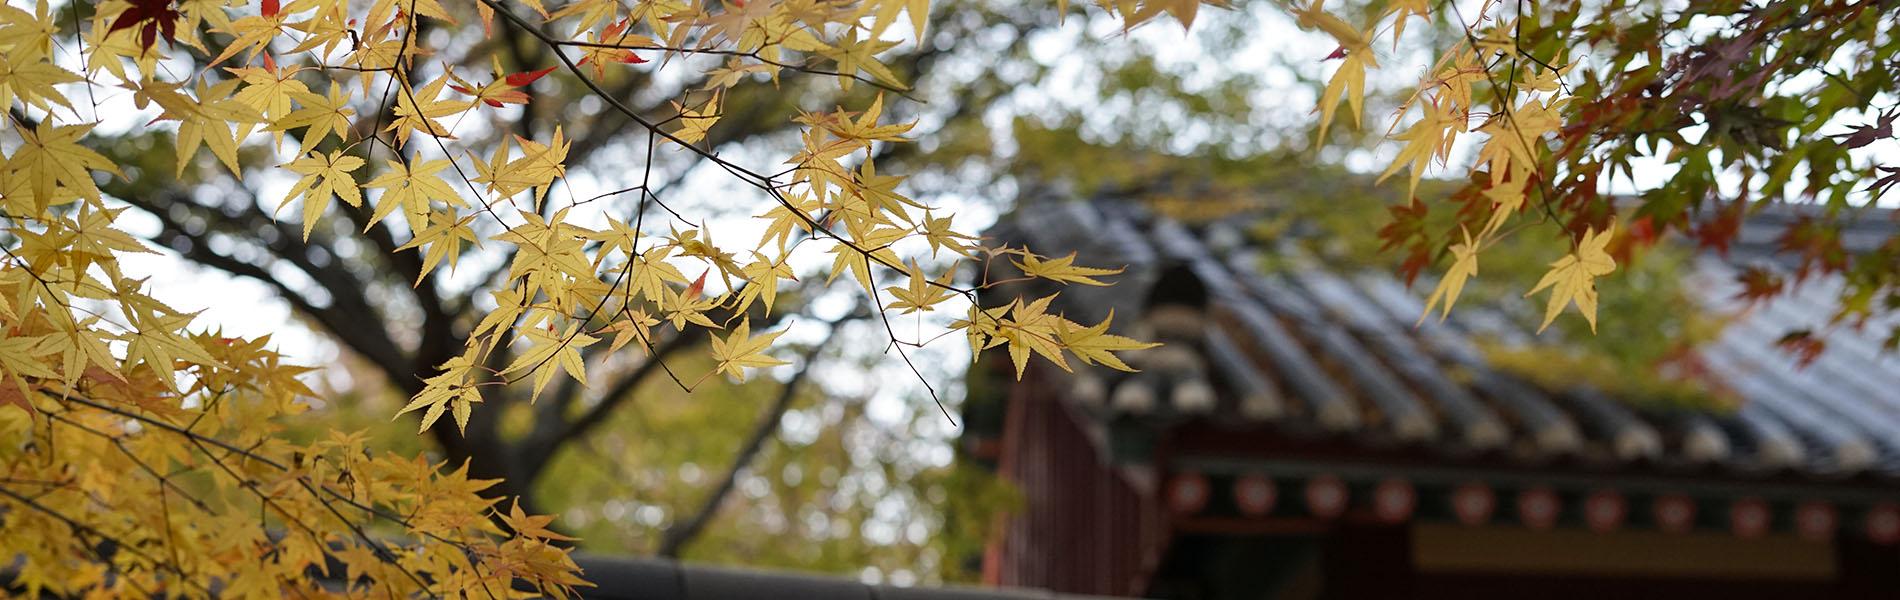 韓国 禅雲寺